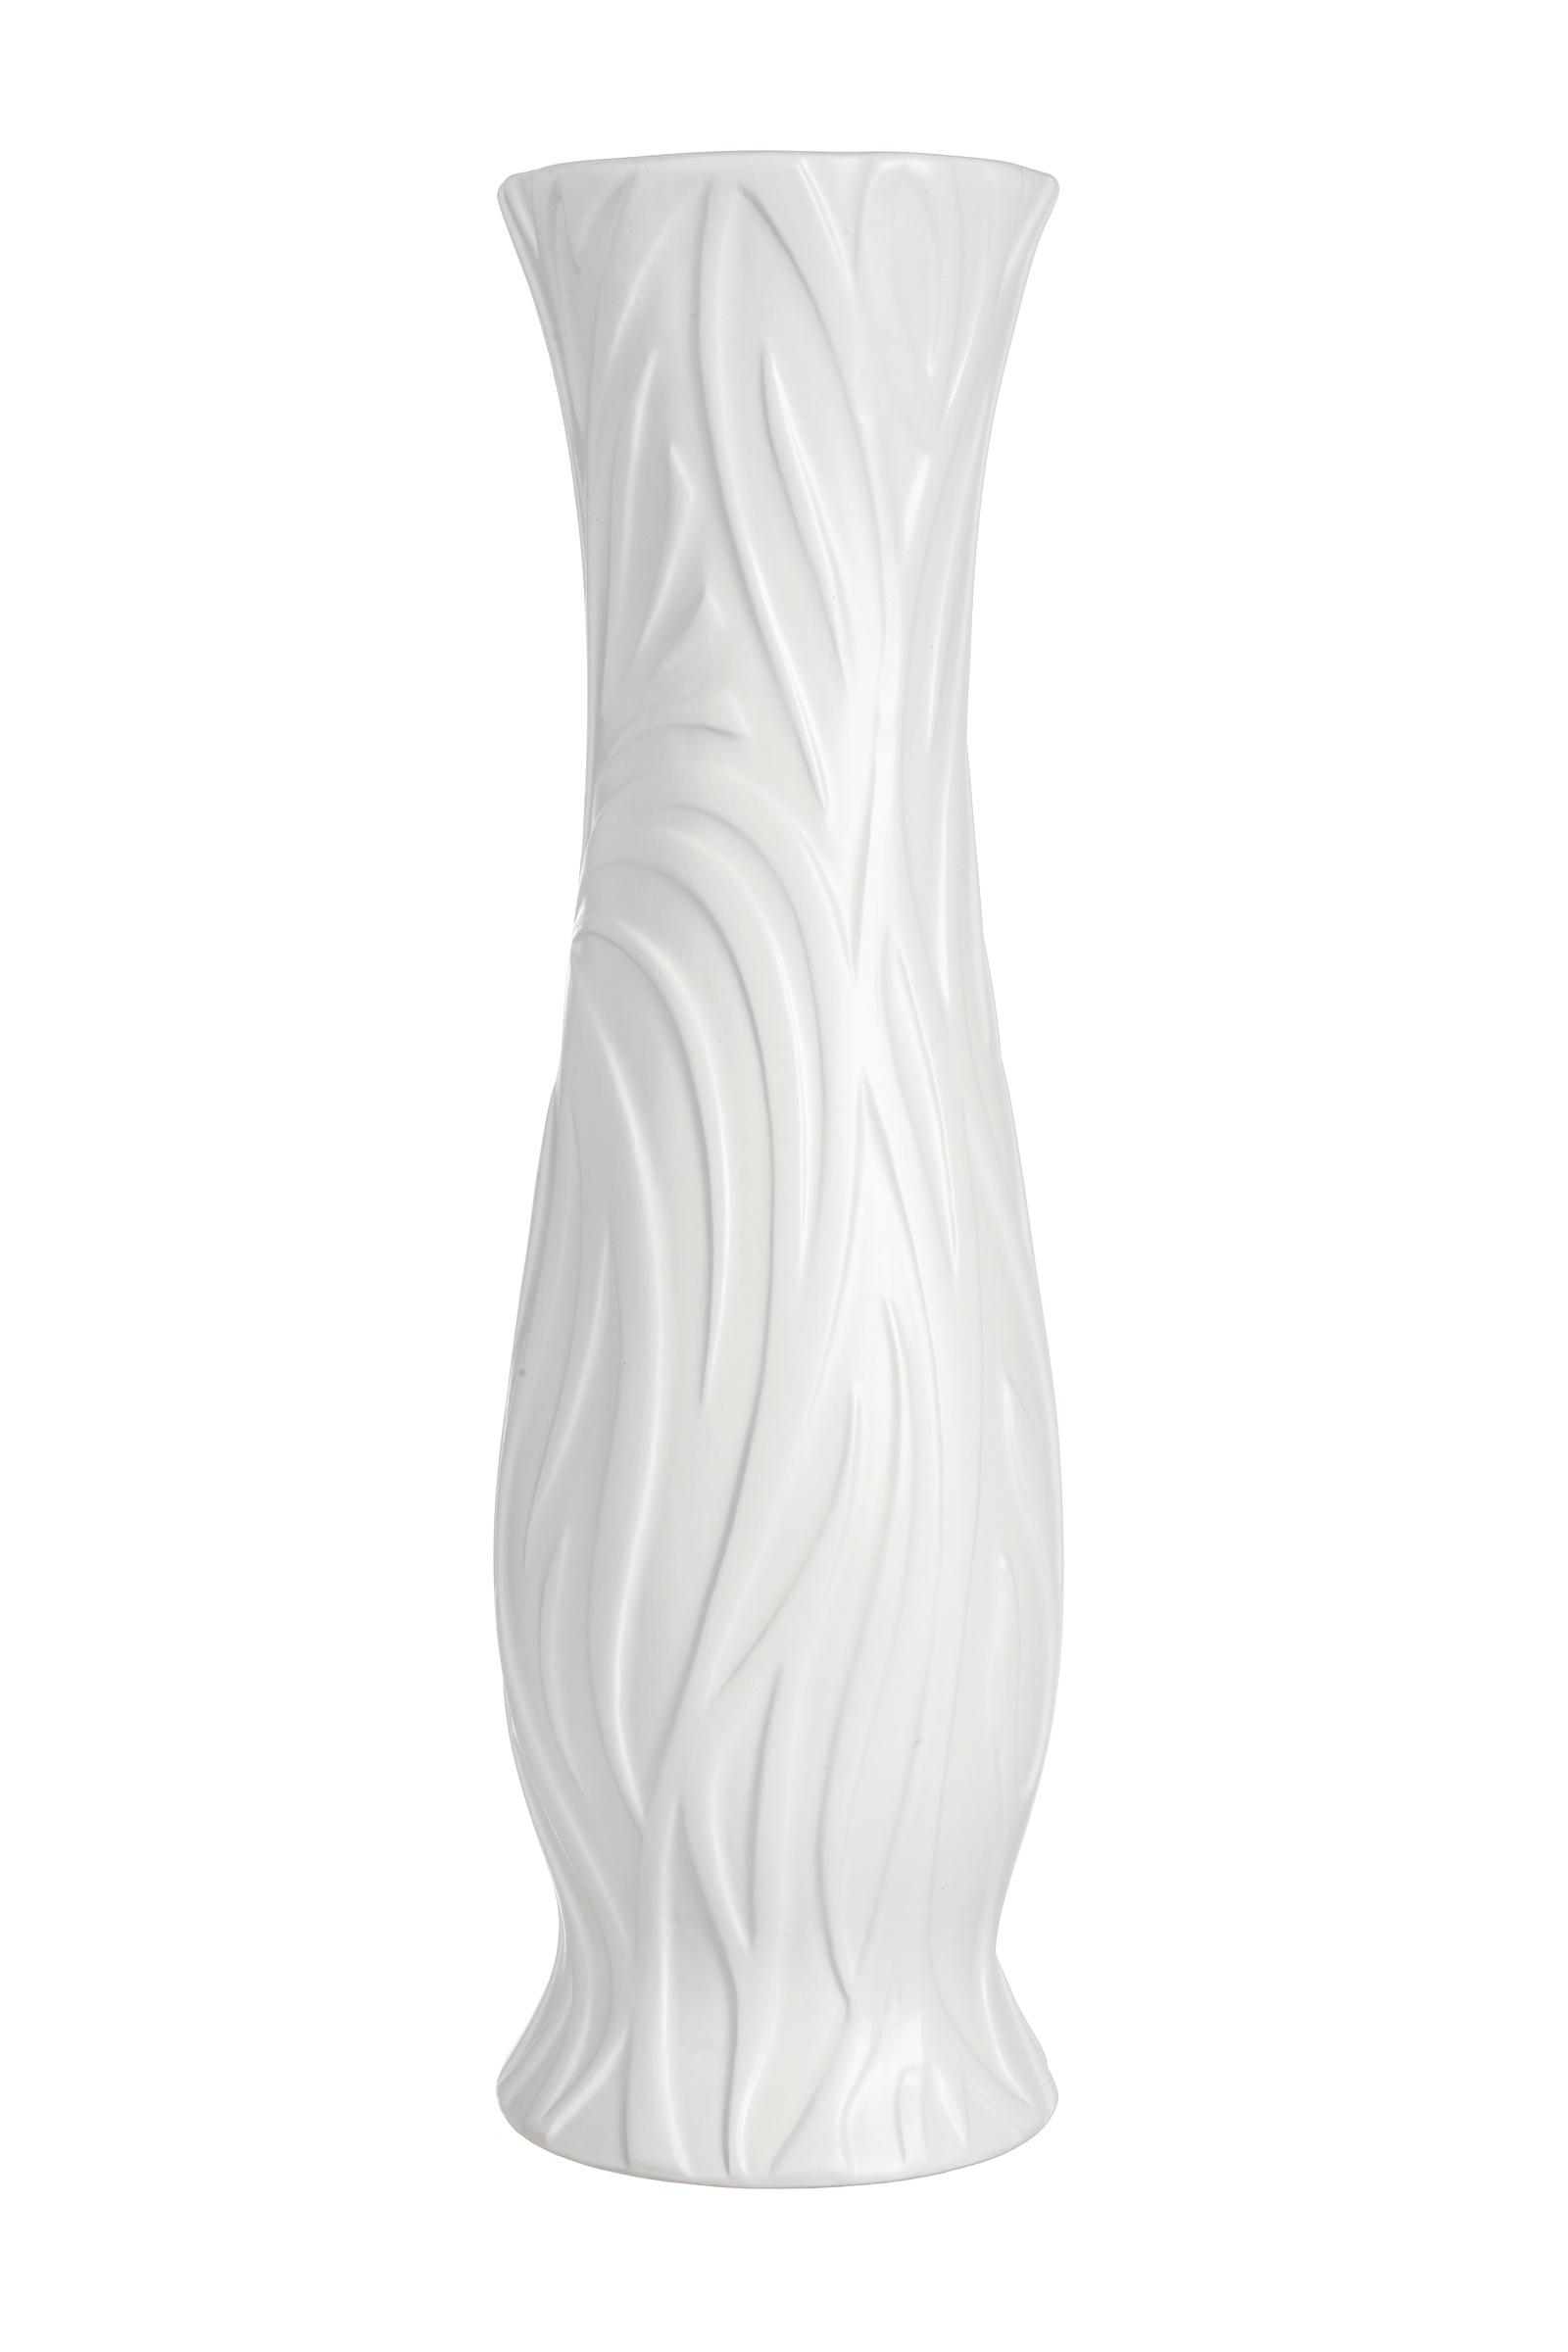 Ваза IsmatDecor Керамическая ваза, VB-77N белый, Керамика loucicentro ваза напольная птицы